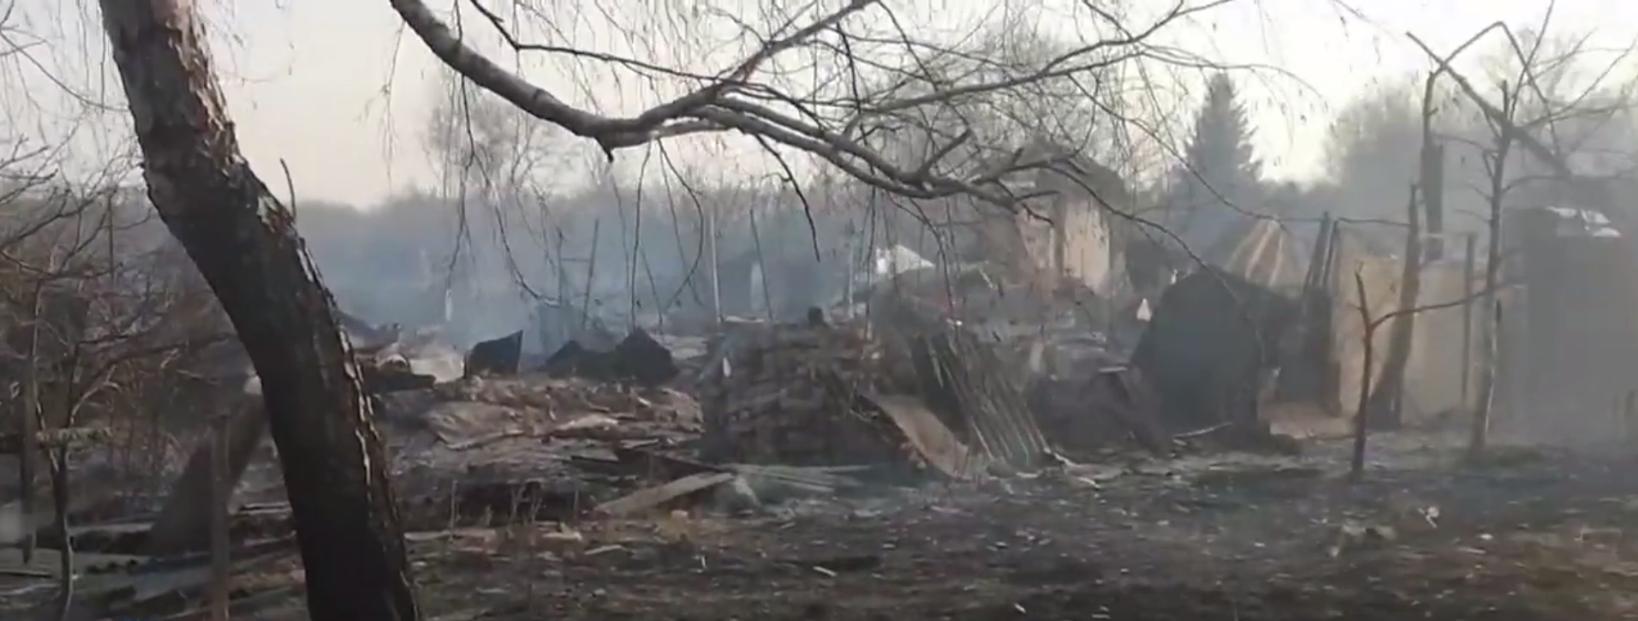 Огонь охватил российскую деревню Масловка, куда привозят военную технику